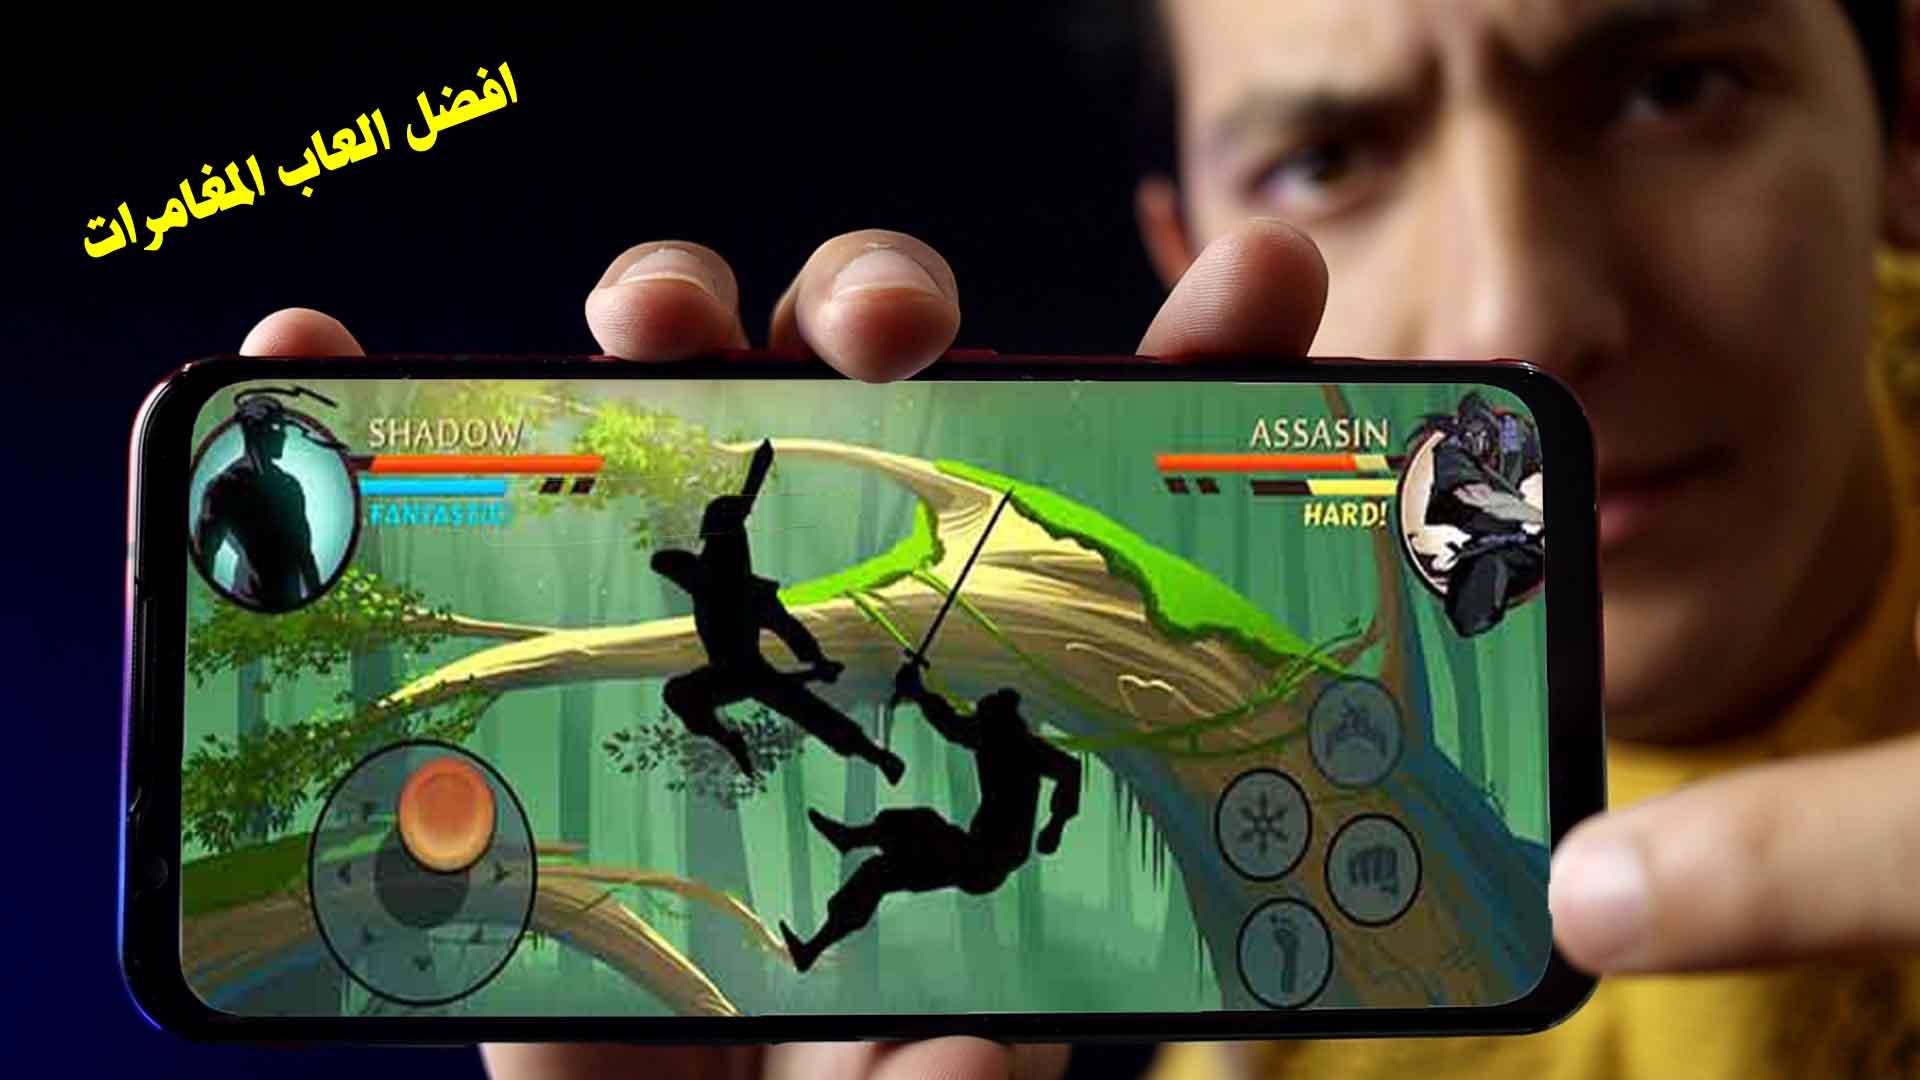 تحميل افضل العاب الاكشن للاندرويد (Shadow Fight 2)